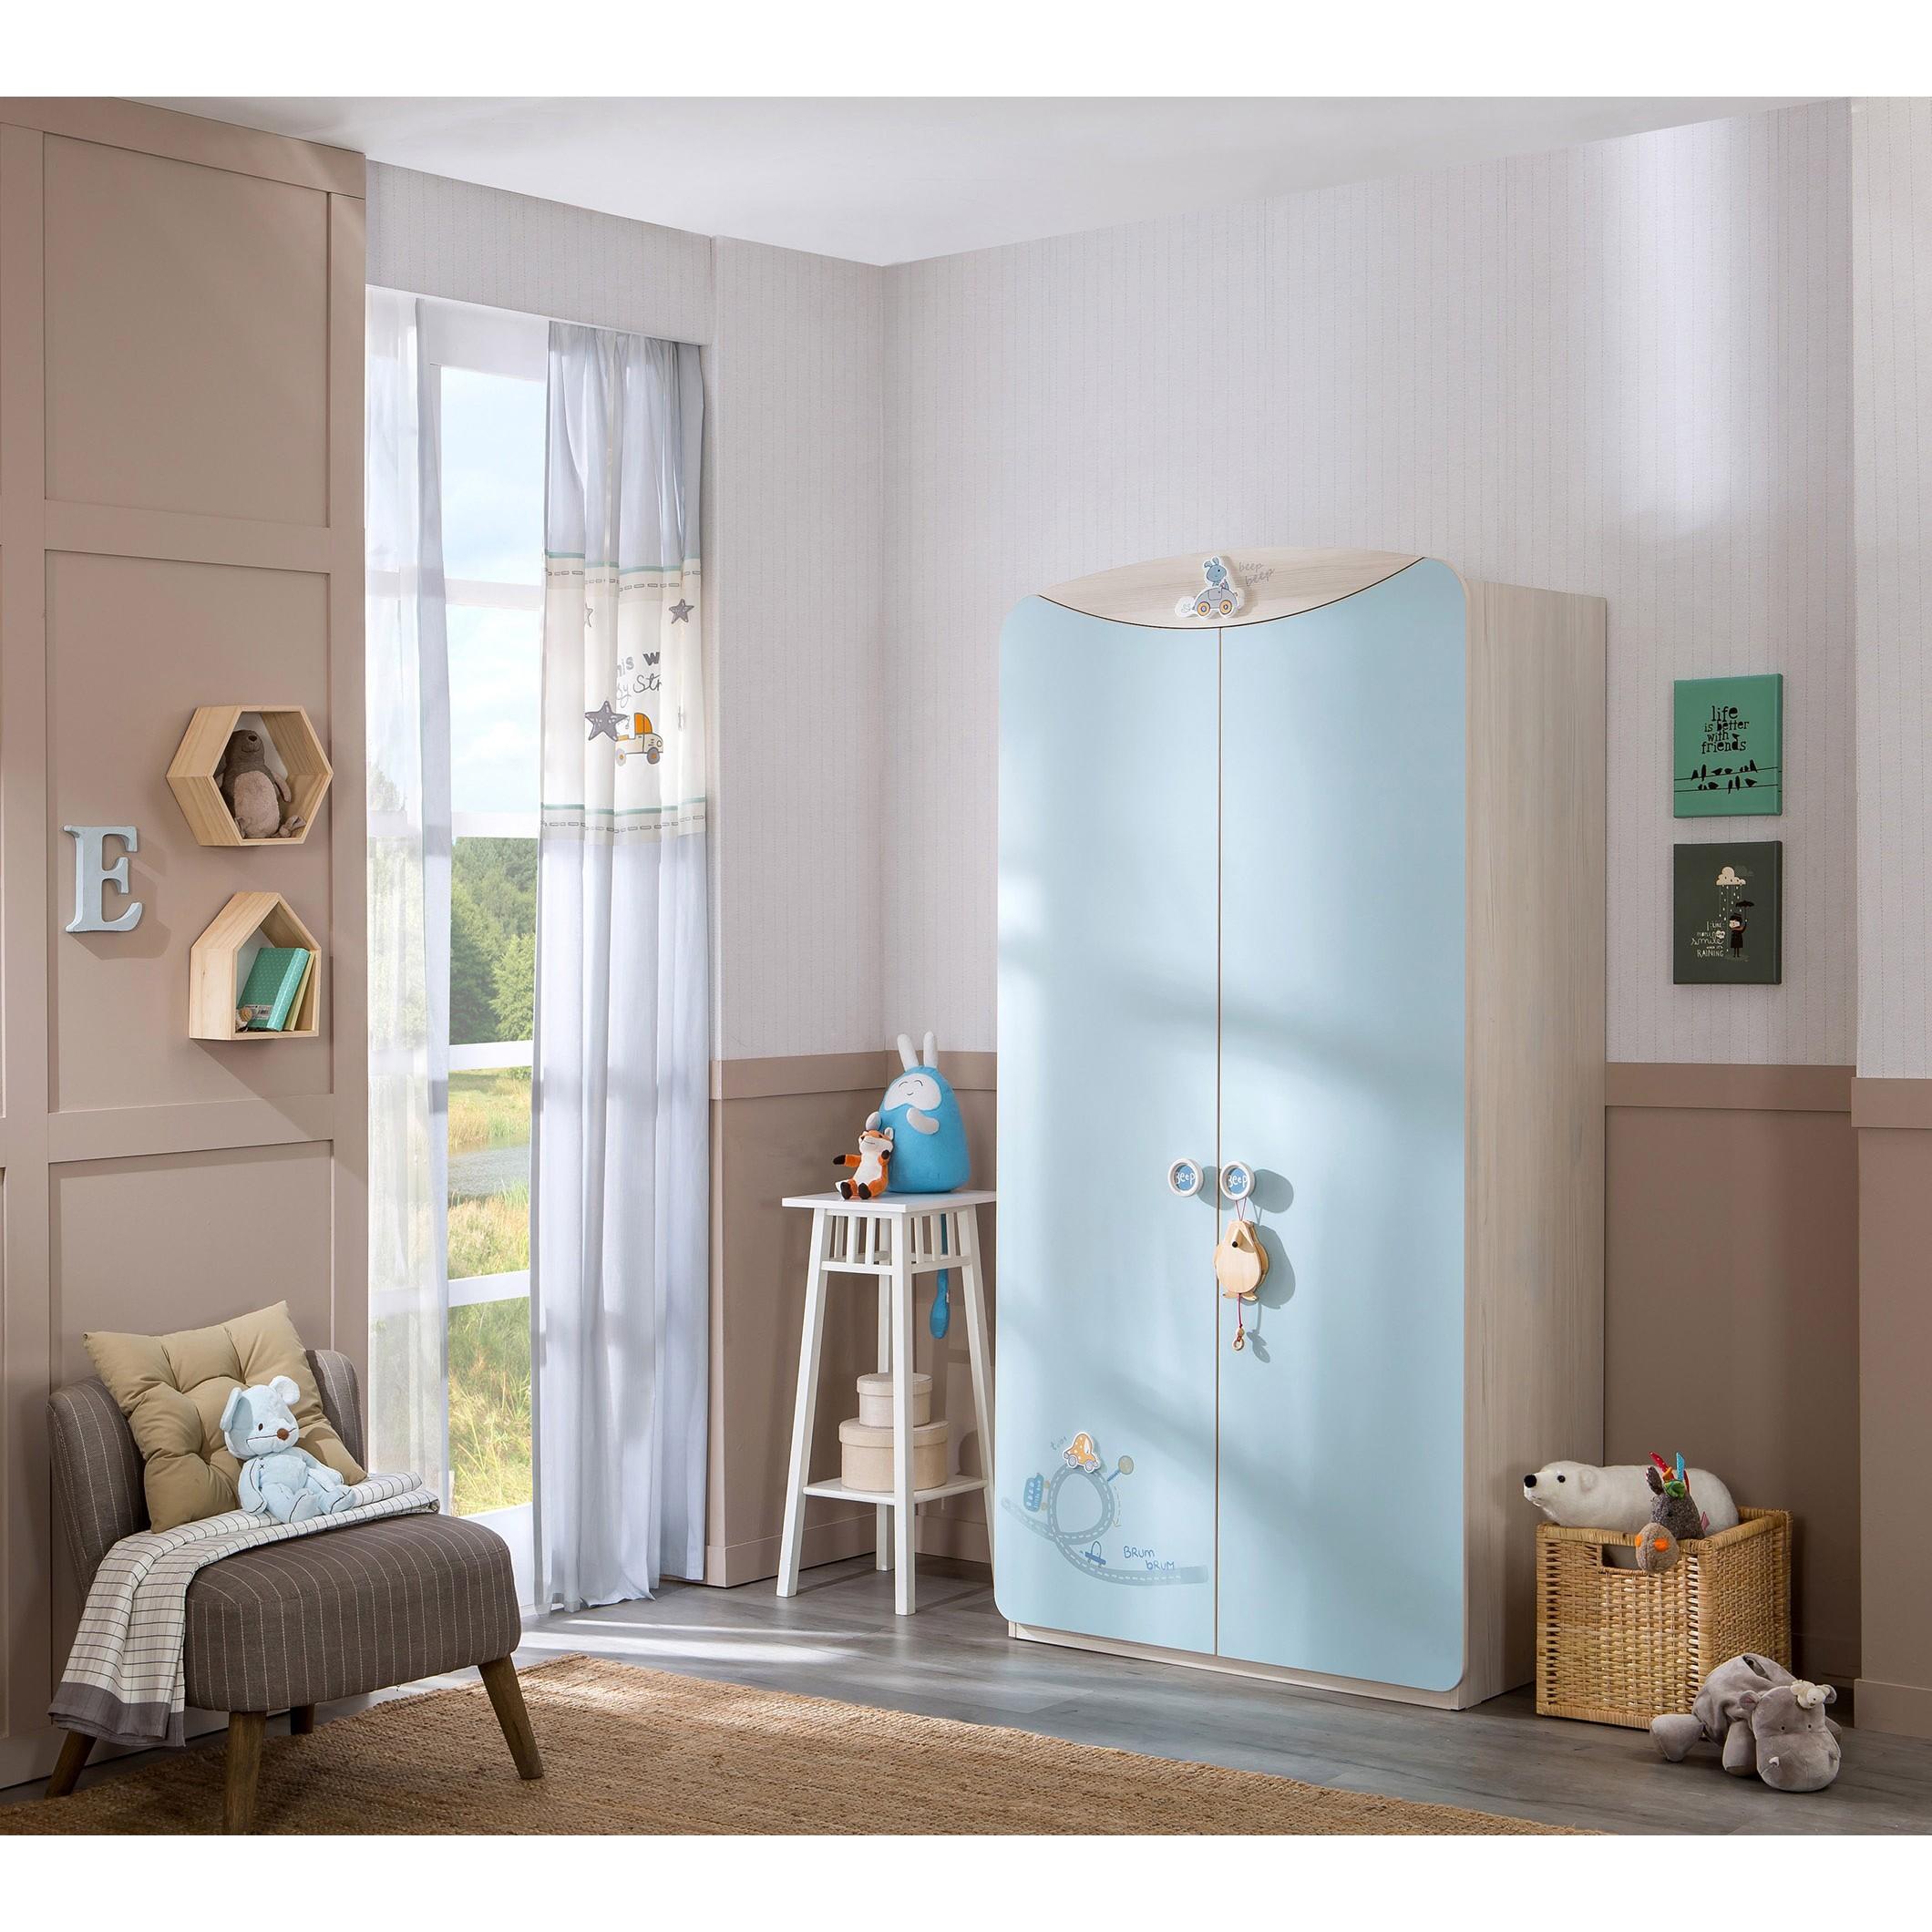 https://www.huisentuinwereld.nl/media/catalog/product/cache/1/image/2120x/9df78eab33525d08d6e5fb8d27136e95/b/a/babykamer_blauw_2_deurs_kledingkast_babykamer_jongens_1.jpg